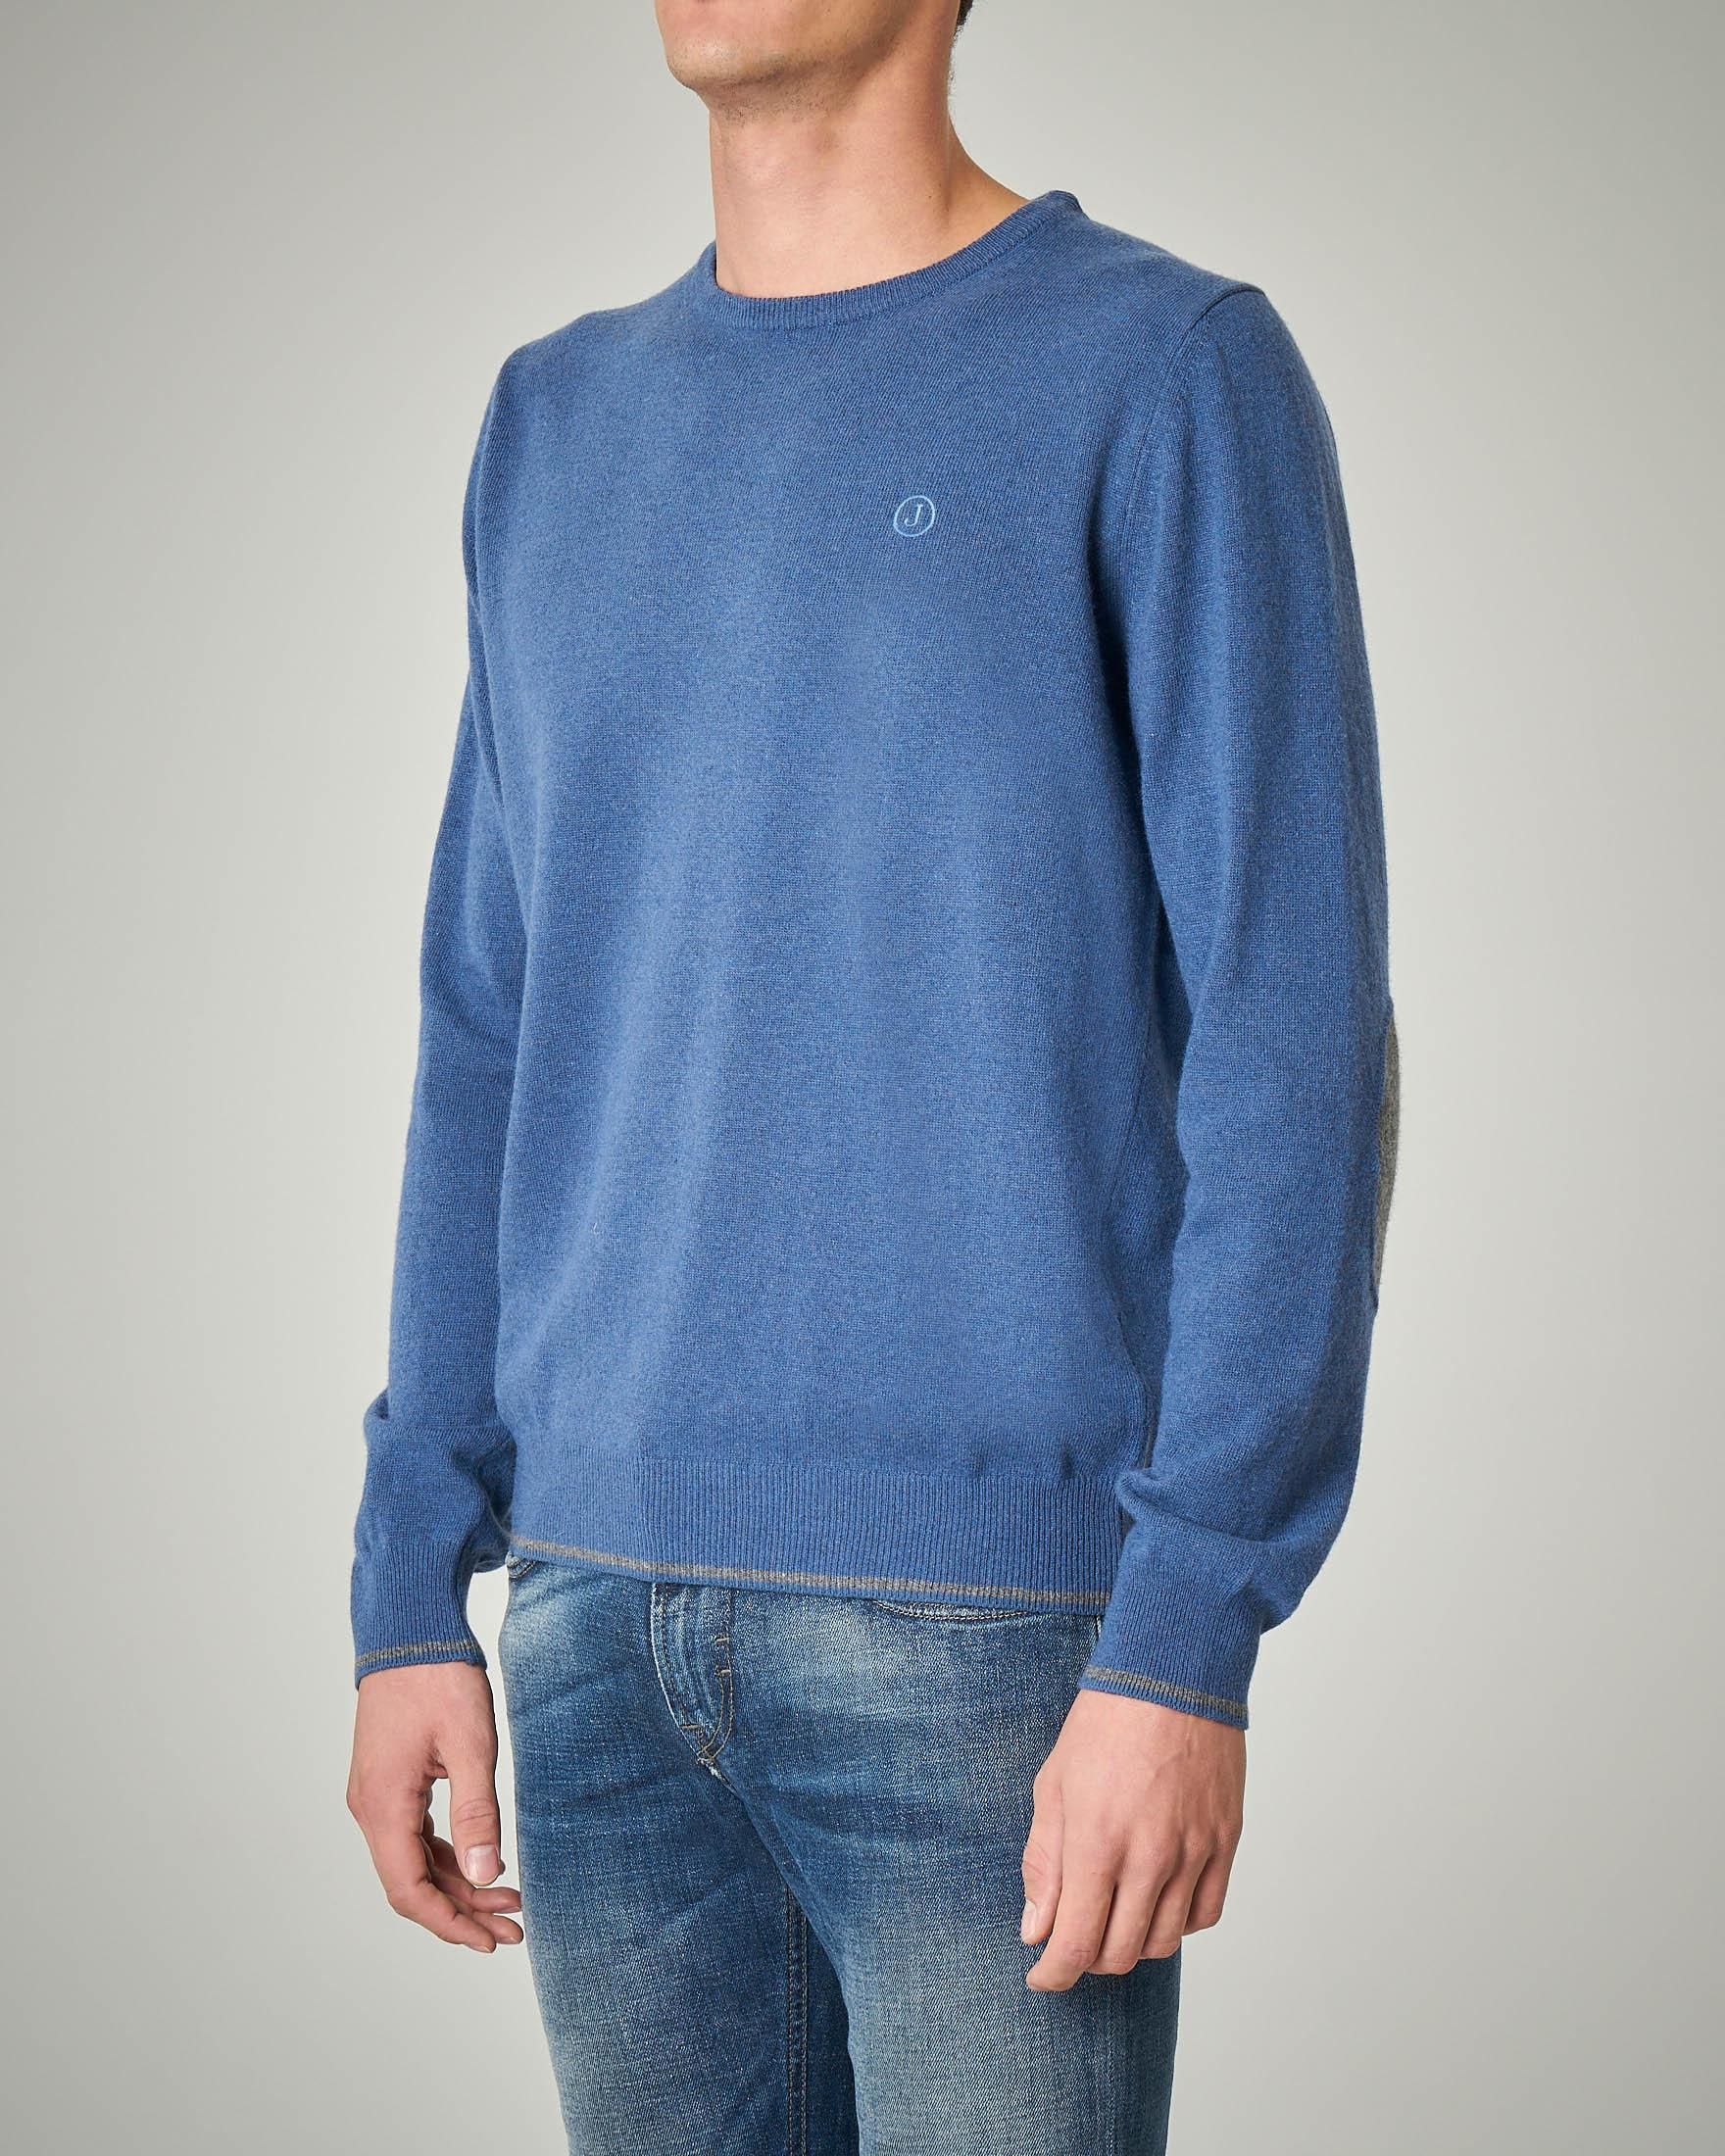 Maglia azzurra girocollo con toppe grigie in contrasto